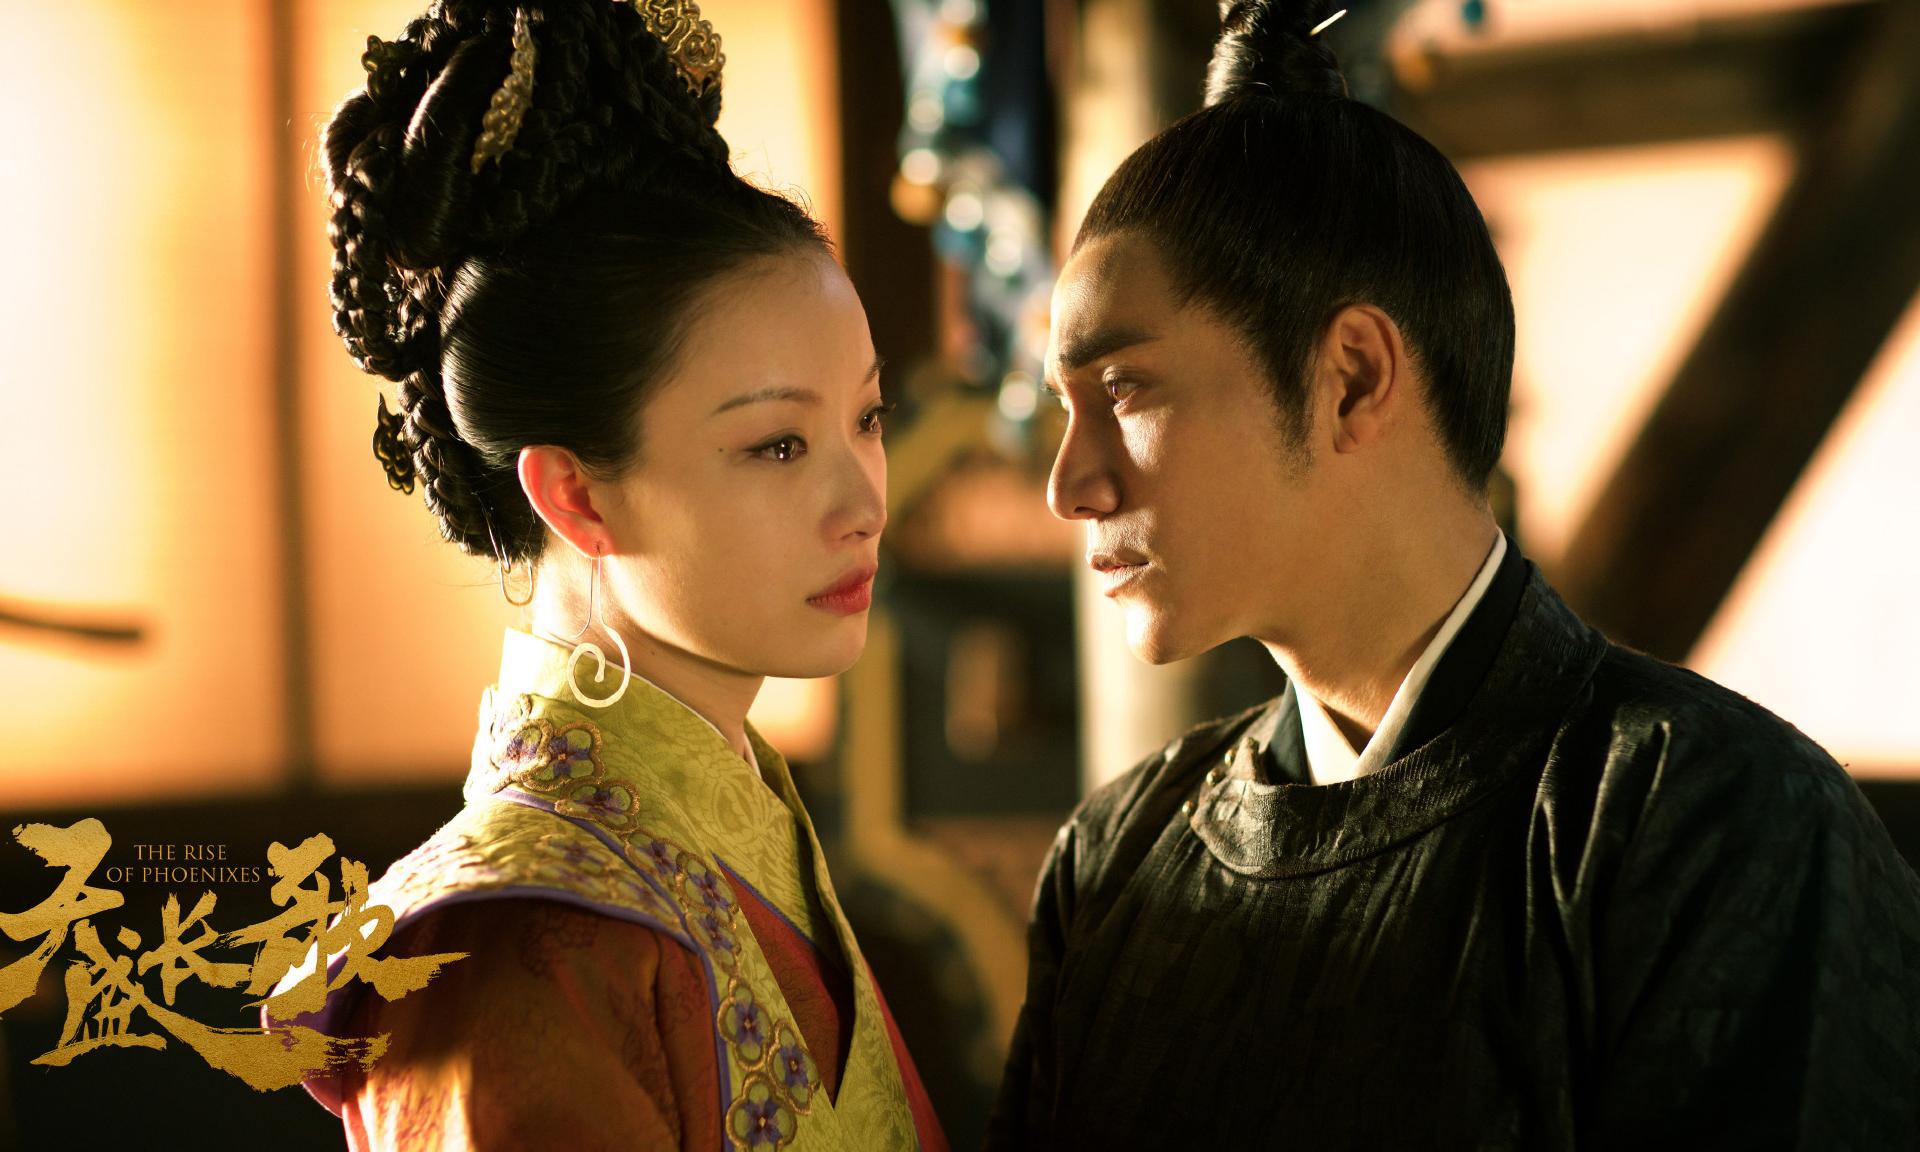 陈坤倪妮这部剧会成为逆袭的《琅琊榜》吗